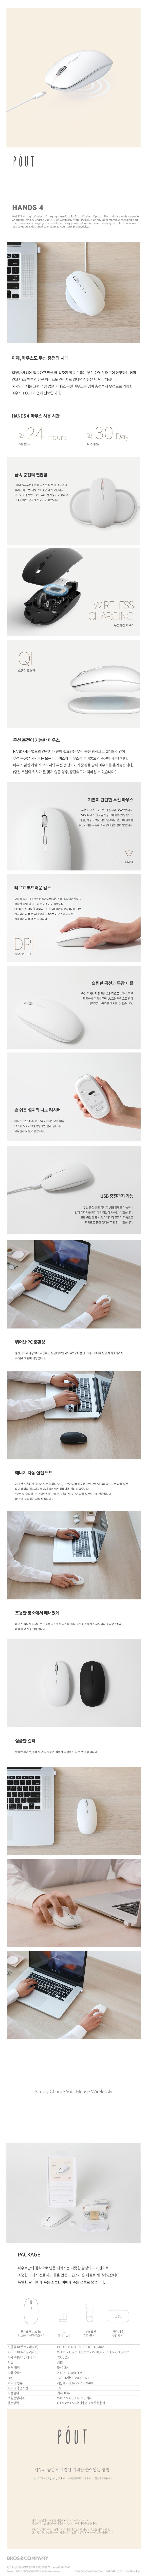 브로스앤컴퍼니 파우트 HANDS4 충전식 무선 마우스 (블랙)